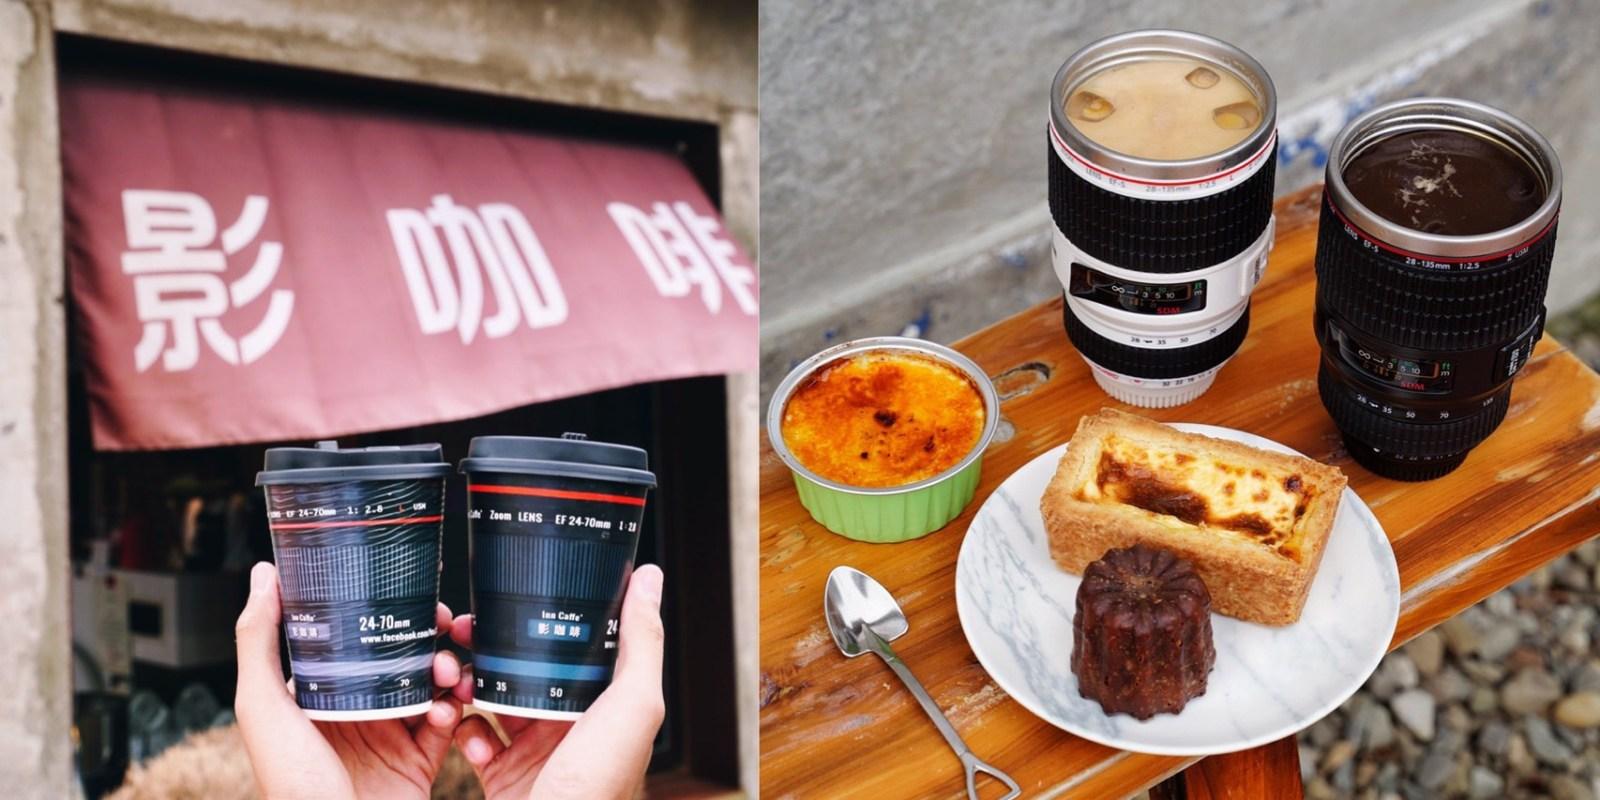 【新竹美食】下午茶推薦『影咖啡Inn Caffè』將軍村門市,必點金磚布丁,還有鏡頭杯子也是一大賣點!